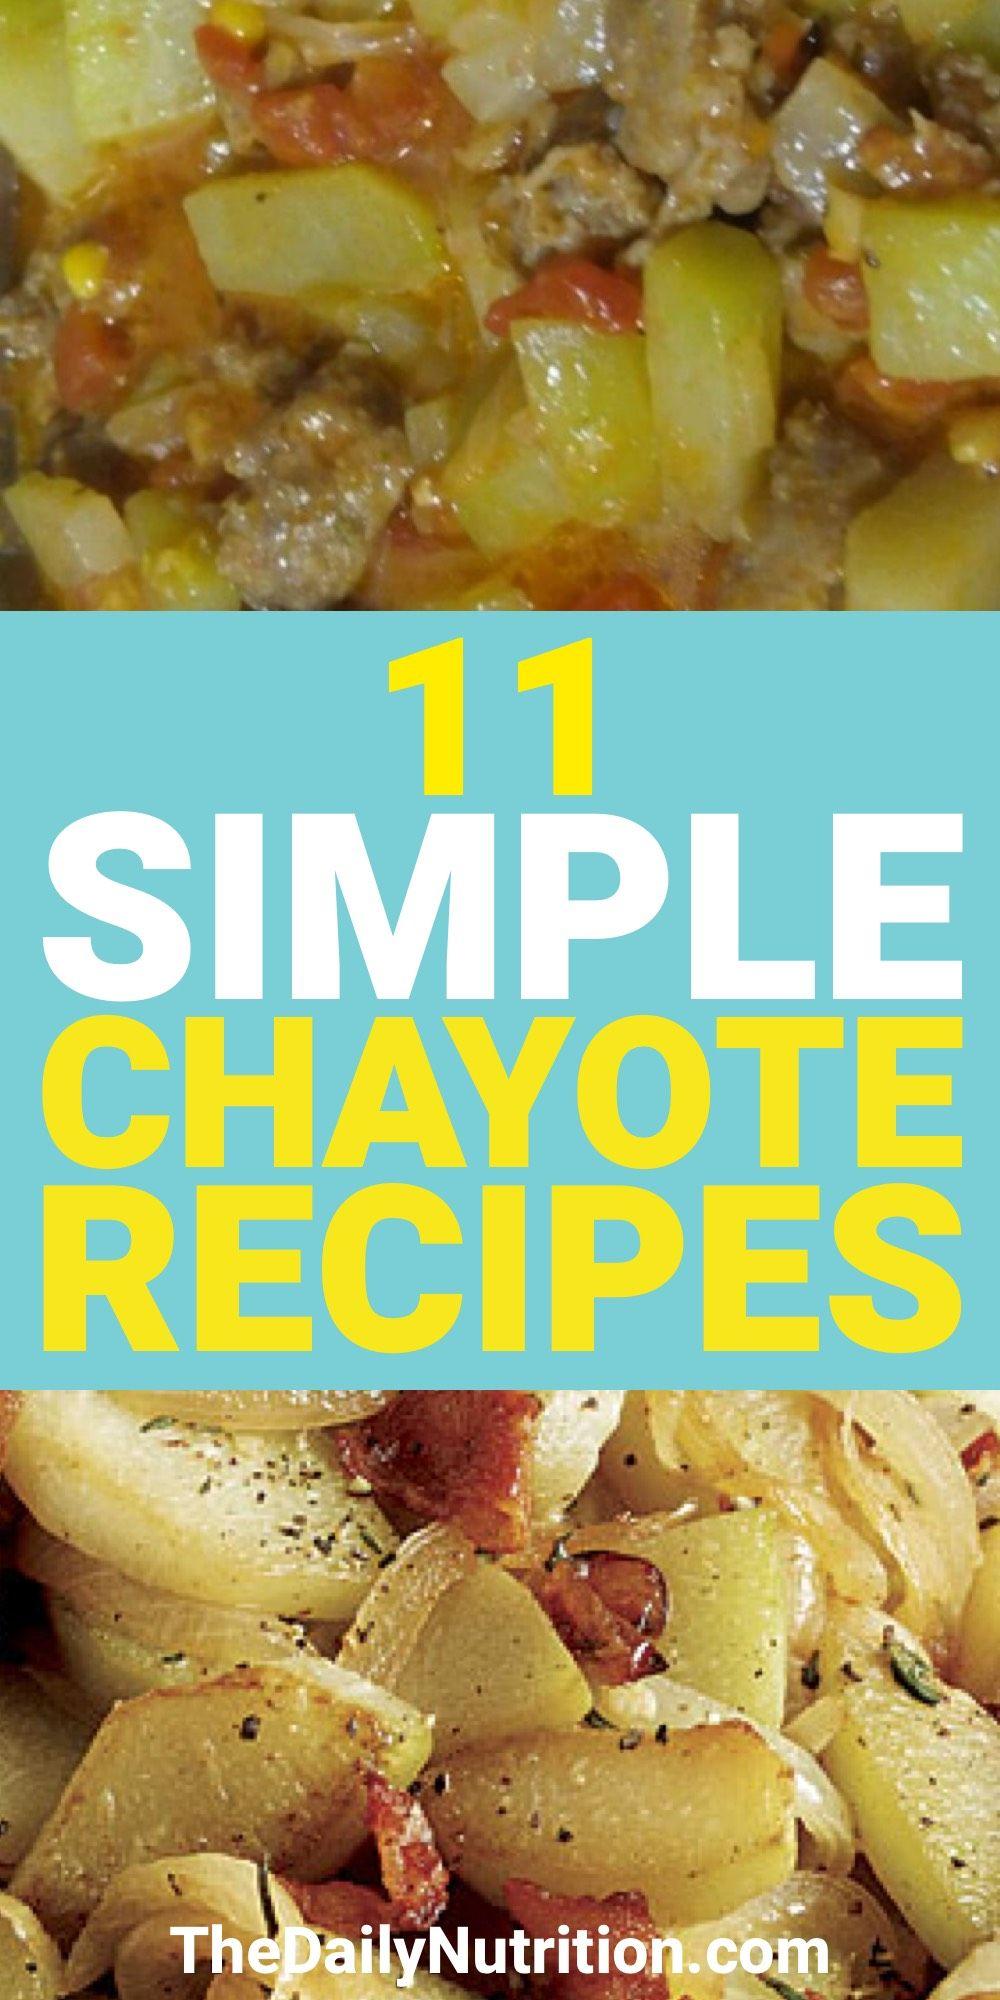 Chayote Recipes: 11 Chayote Squash Recipes That Yo